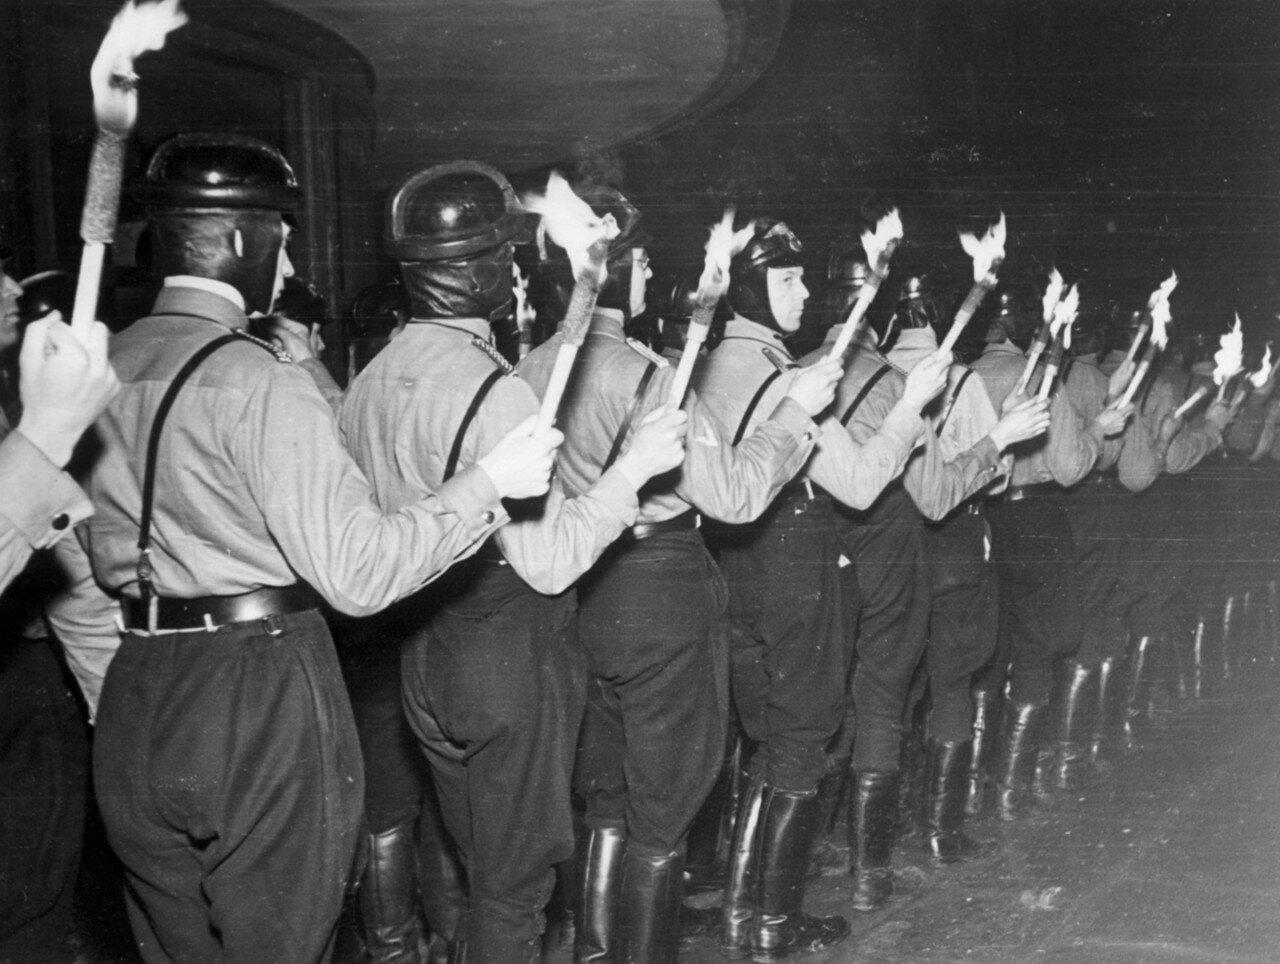 Гамбург. Члены Национал-социалистического механизированного корпуса стоят с факелами на митинге у здания мэрии